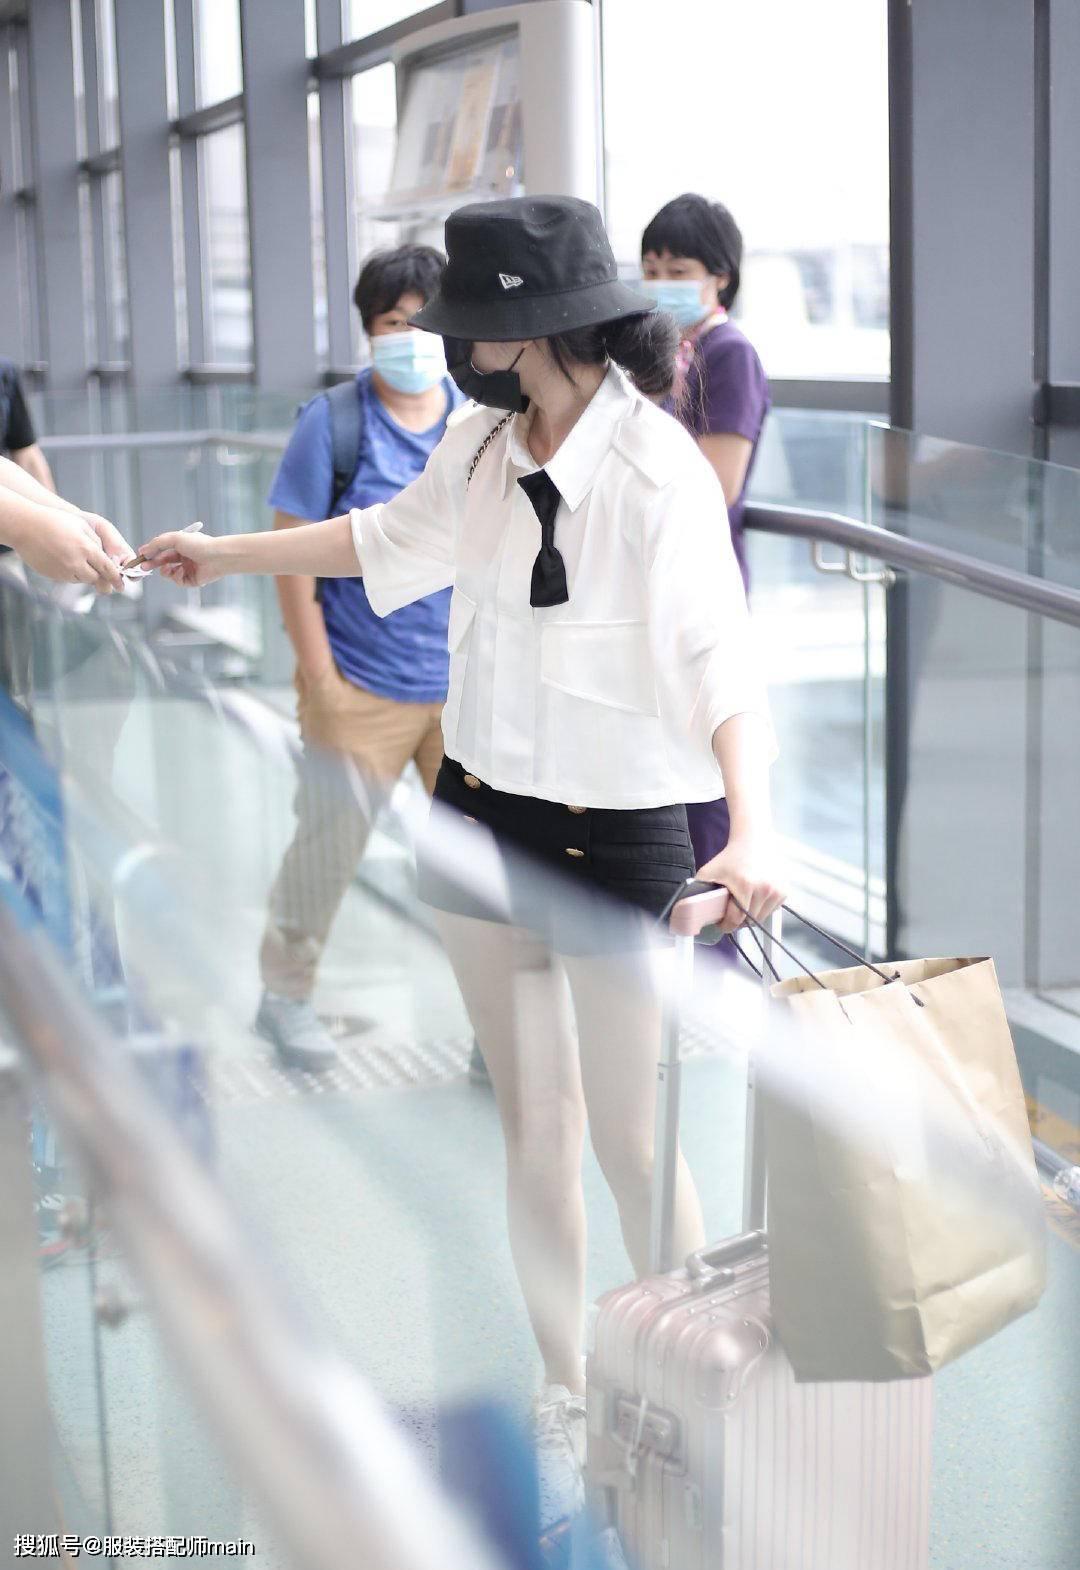 彭小苒越来越会穿,白衬衫黑短裤清新怡人,背38800酒瓶包更抢镜